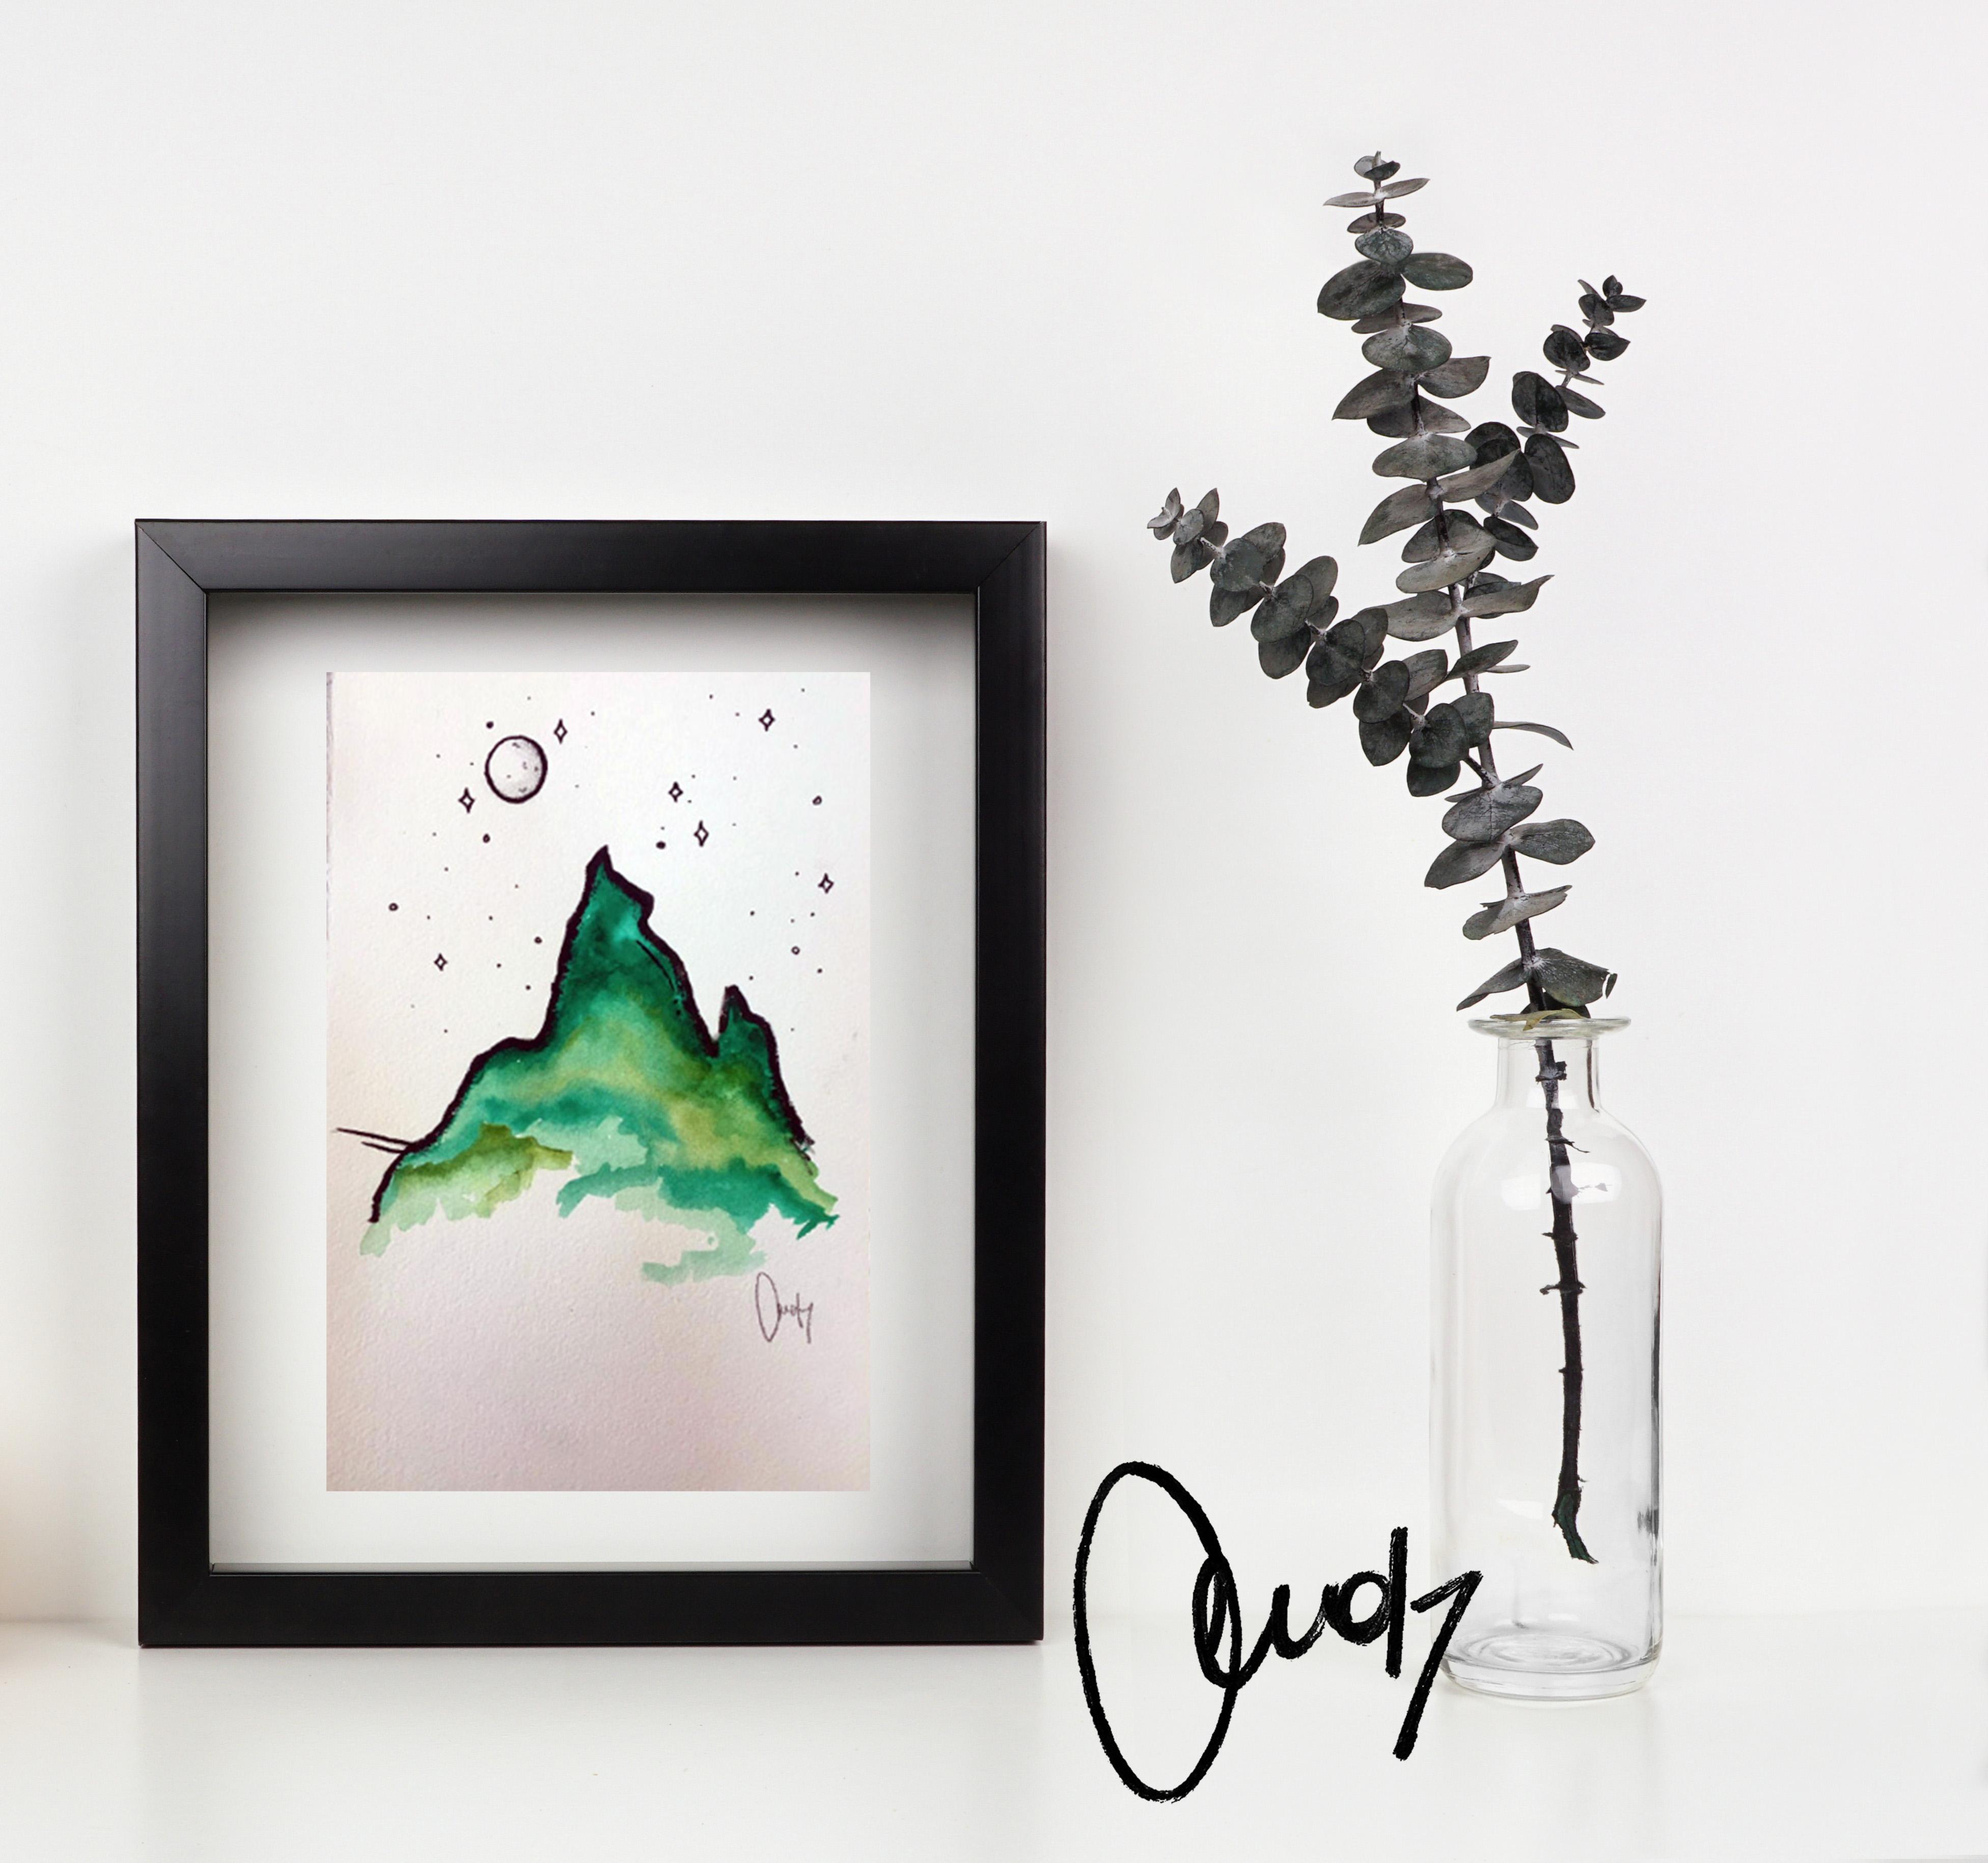 Full Moon - Vendue/Sold